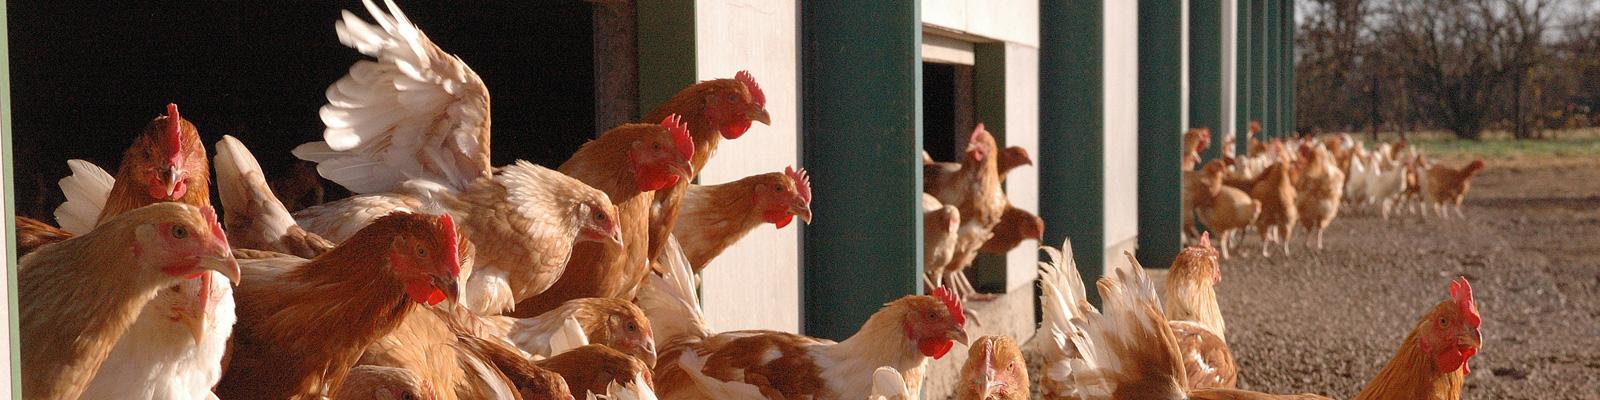 6344, 6344, poules-pa, poules-pa.jpg, 327341, http://www.terrena.fr/wp-content/uploads/poules-pa.jpg, http://www.terrena.fr/gouvernance/comite-strategique/poules-pa/, , 9, , , poules-pa, inherit, 52, 2015-09-14 14:46:56, 2015-09-14 14:46:56, 0, image/jpeg, image, jpeg, http://www.terrena.fr/wp-includes/images/media/default.png, 1600, 400, Array